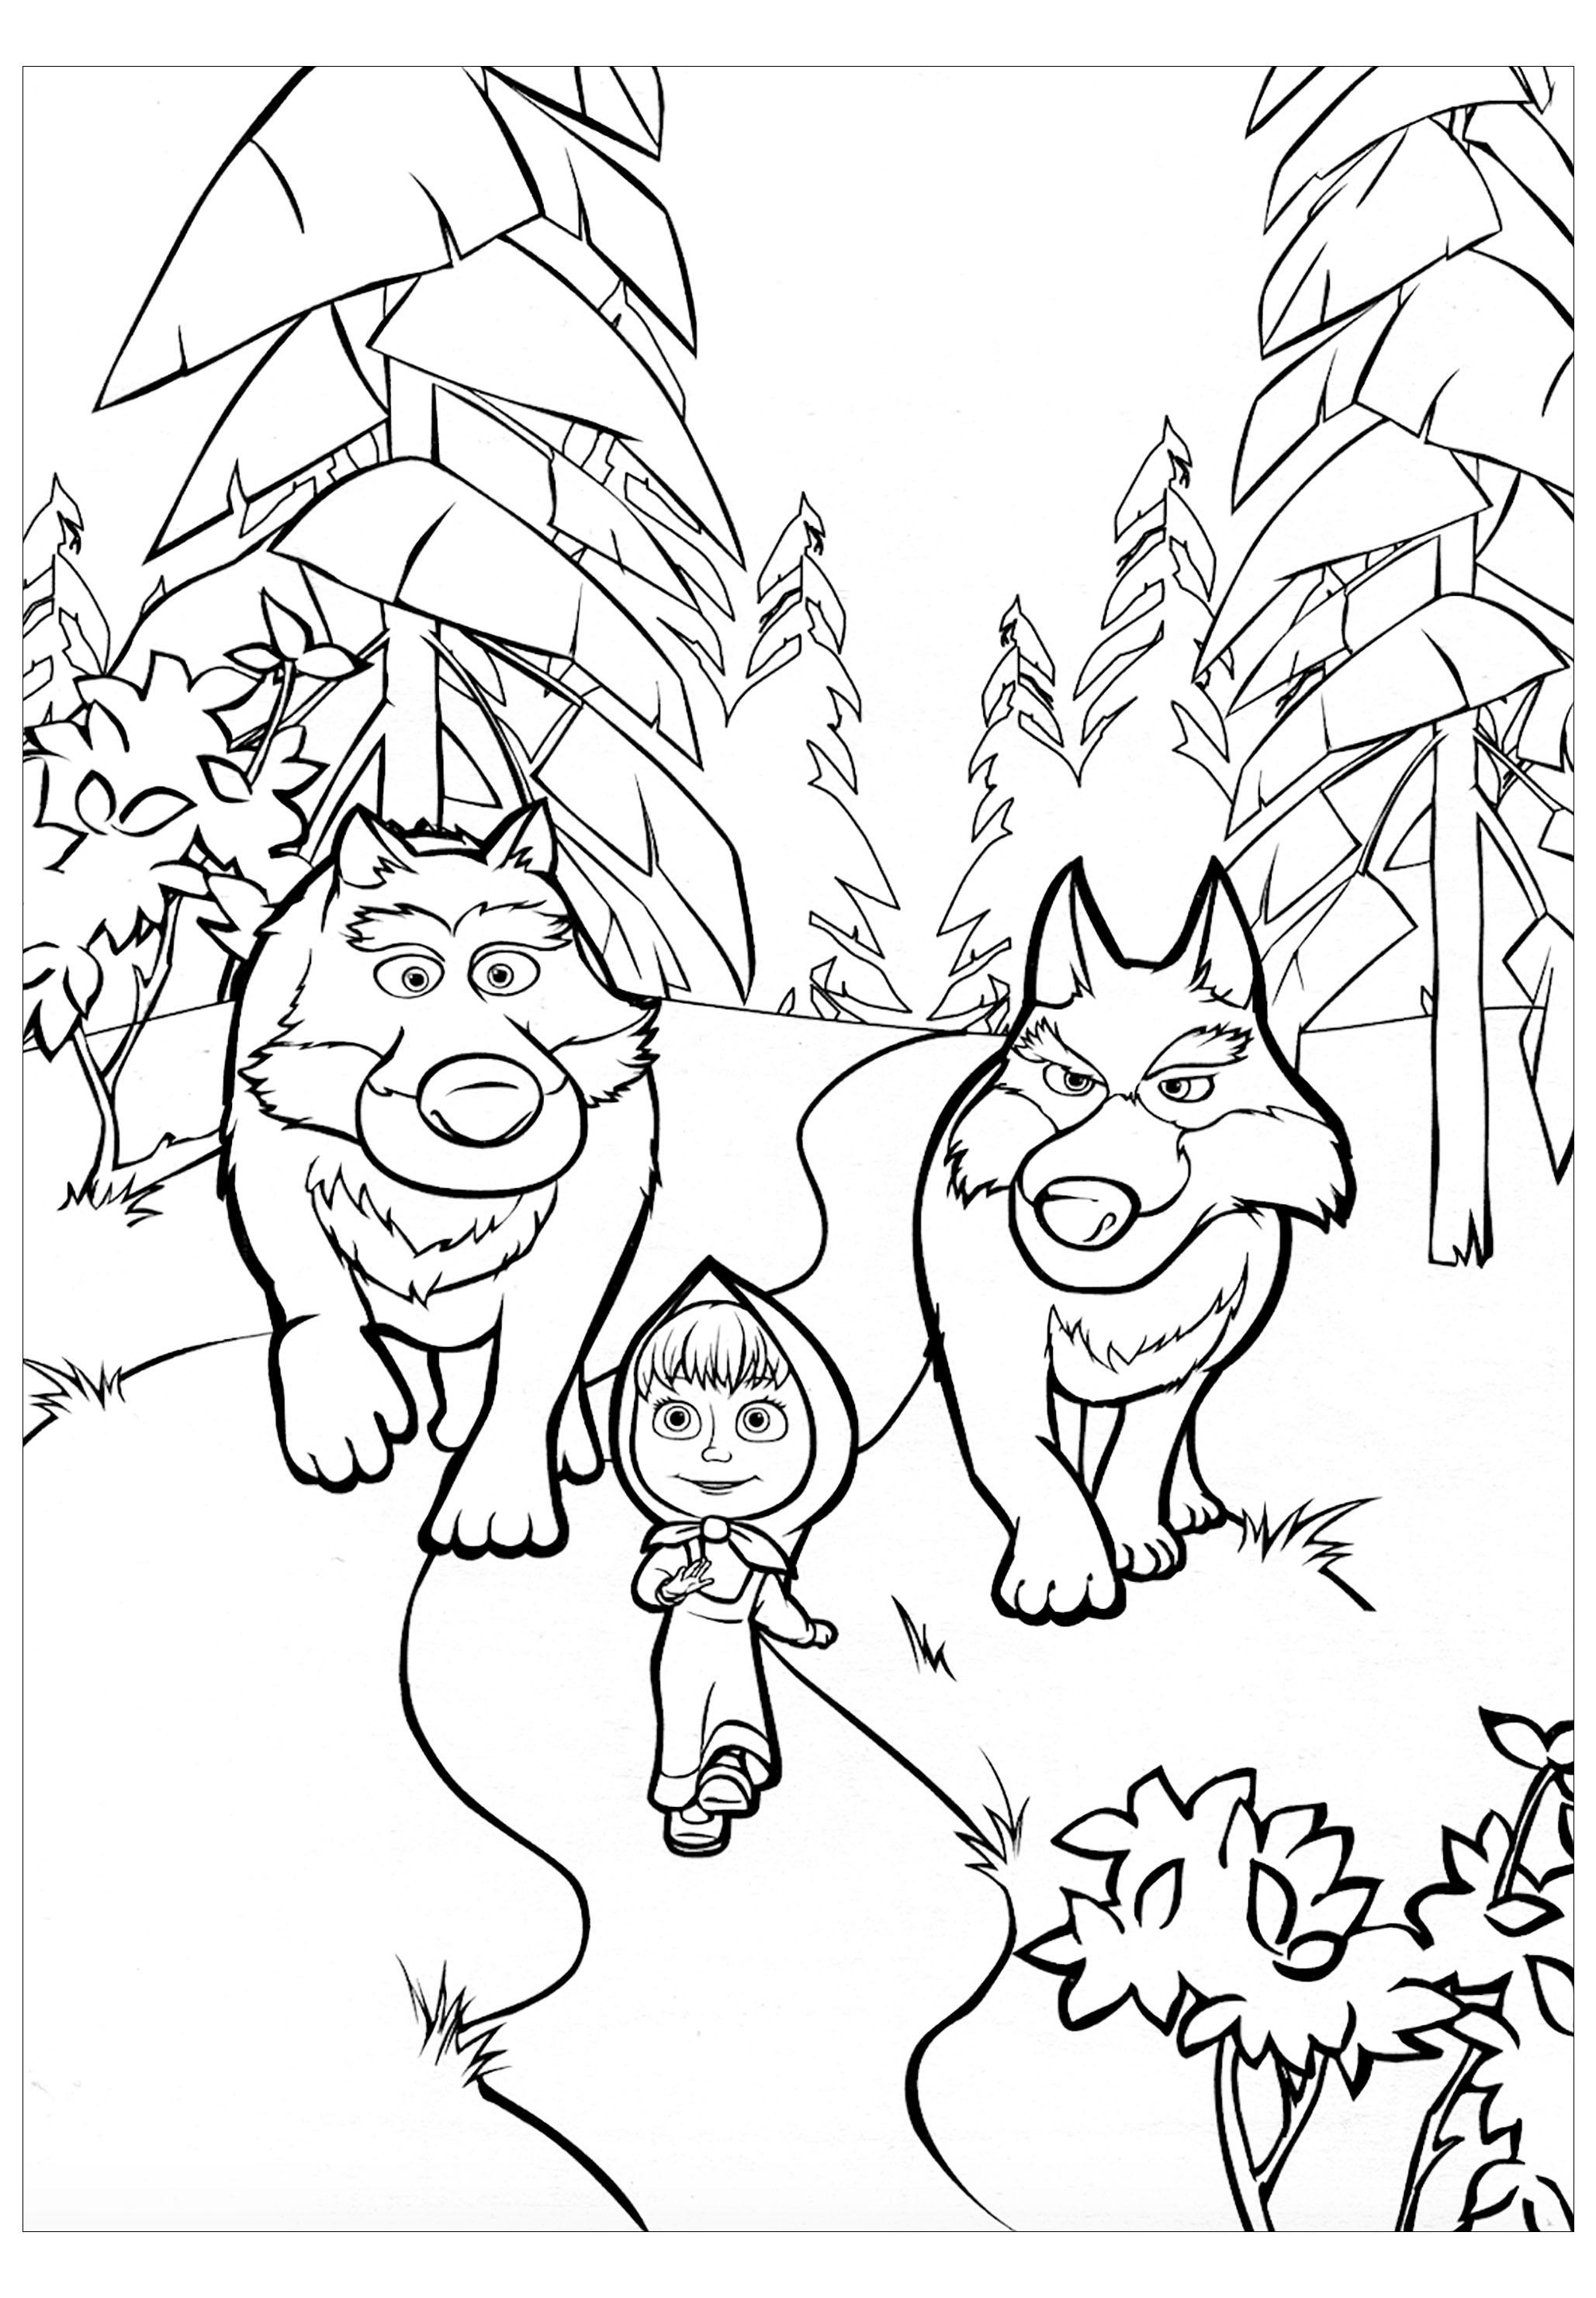 Ces grands loups protègent cette petite fille !